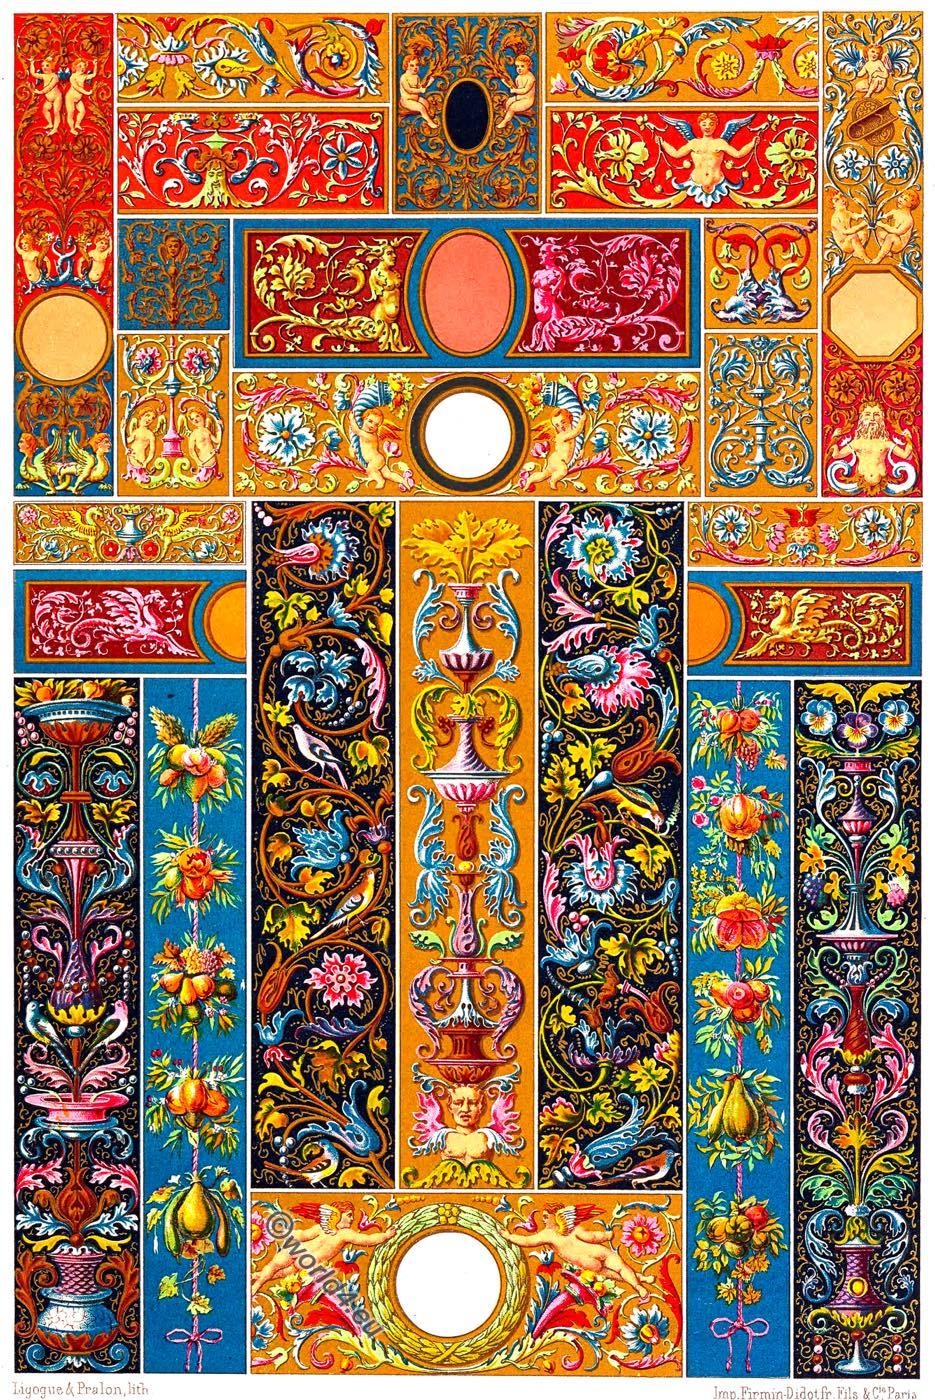 Ornaments, Auguste Racinet, Renaissance, Paintings, Frescoes,  Manuscripts